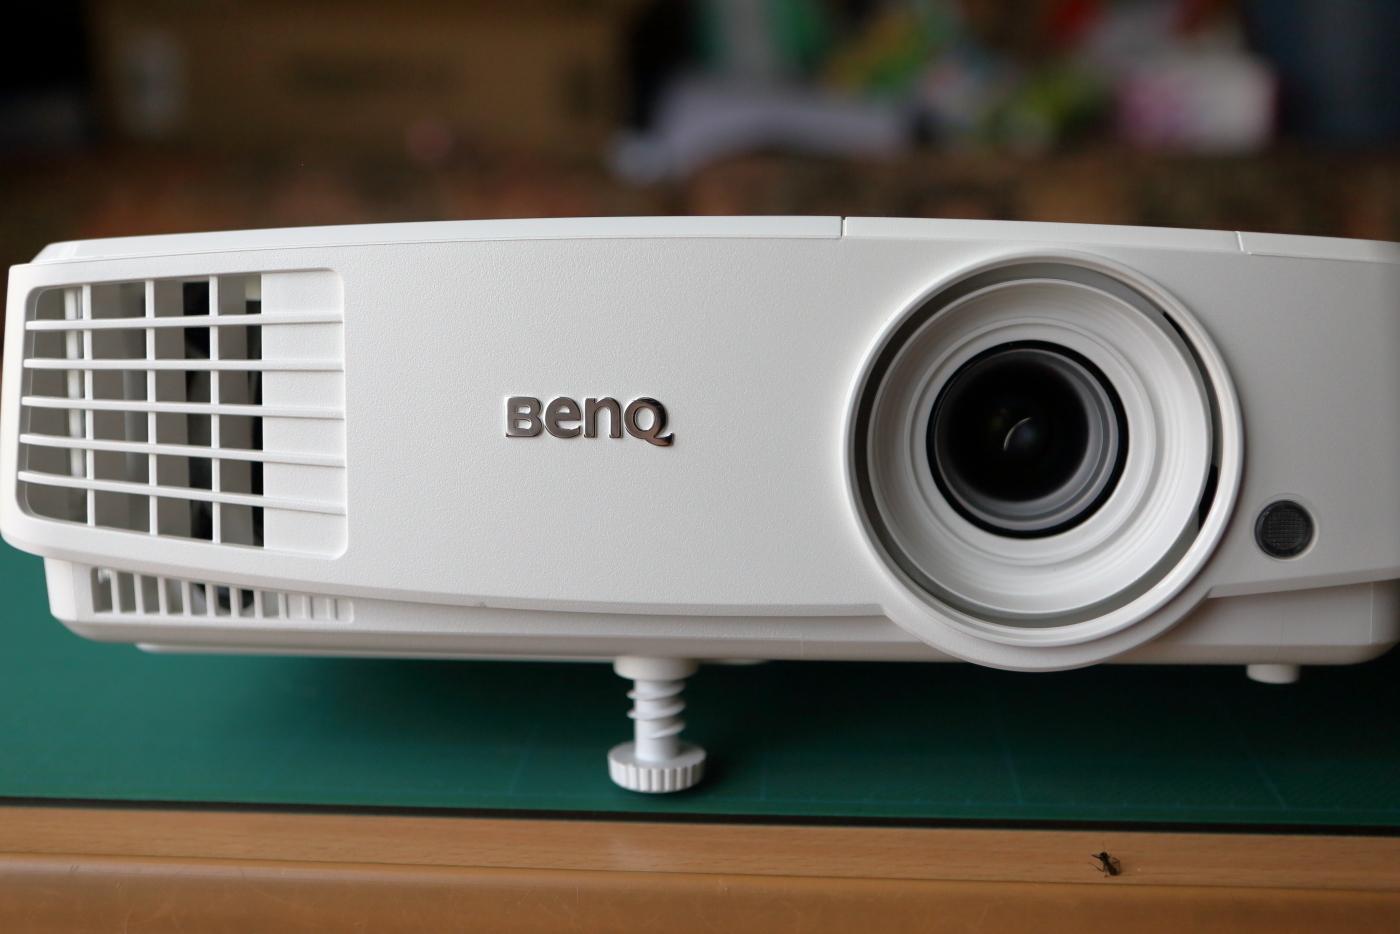 6V0A0025200828.jpg